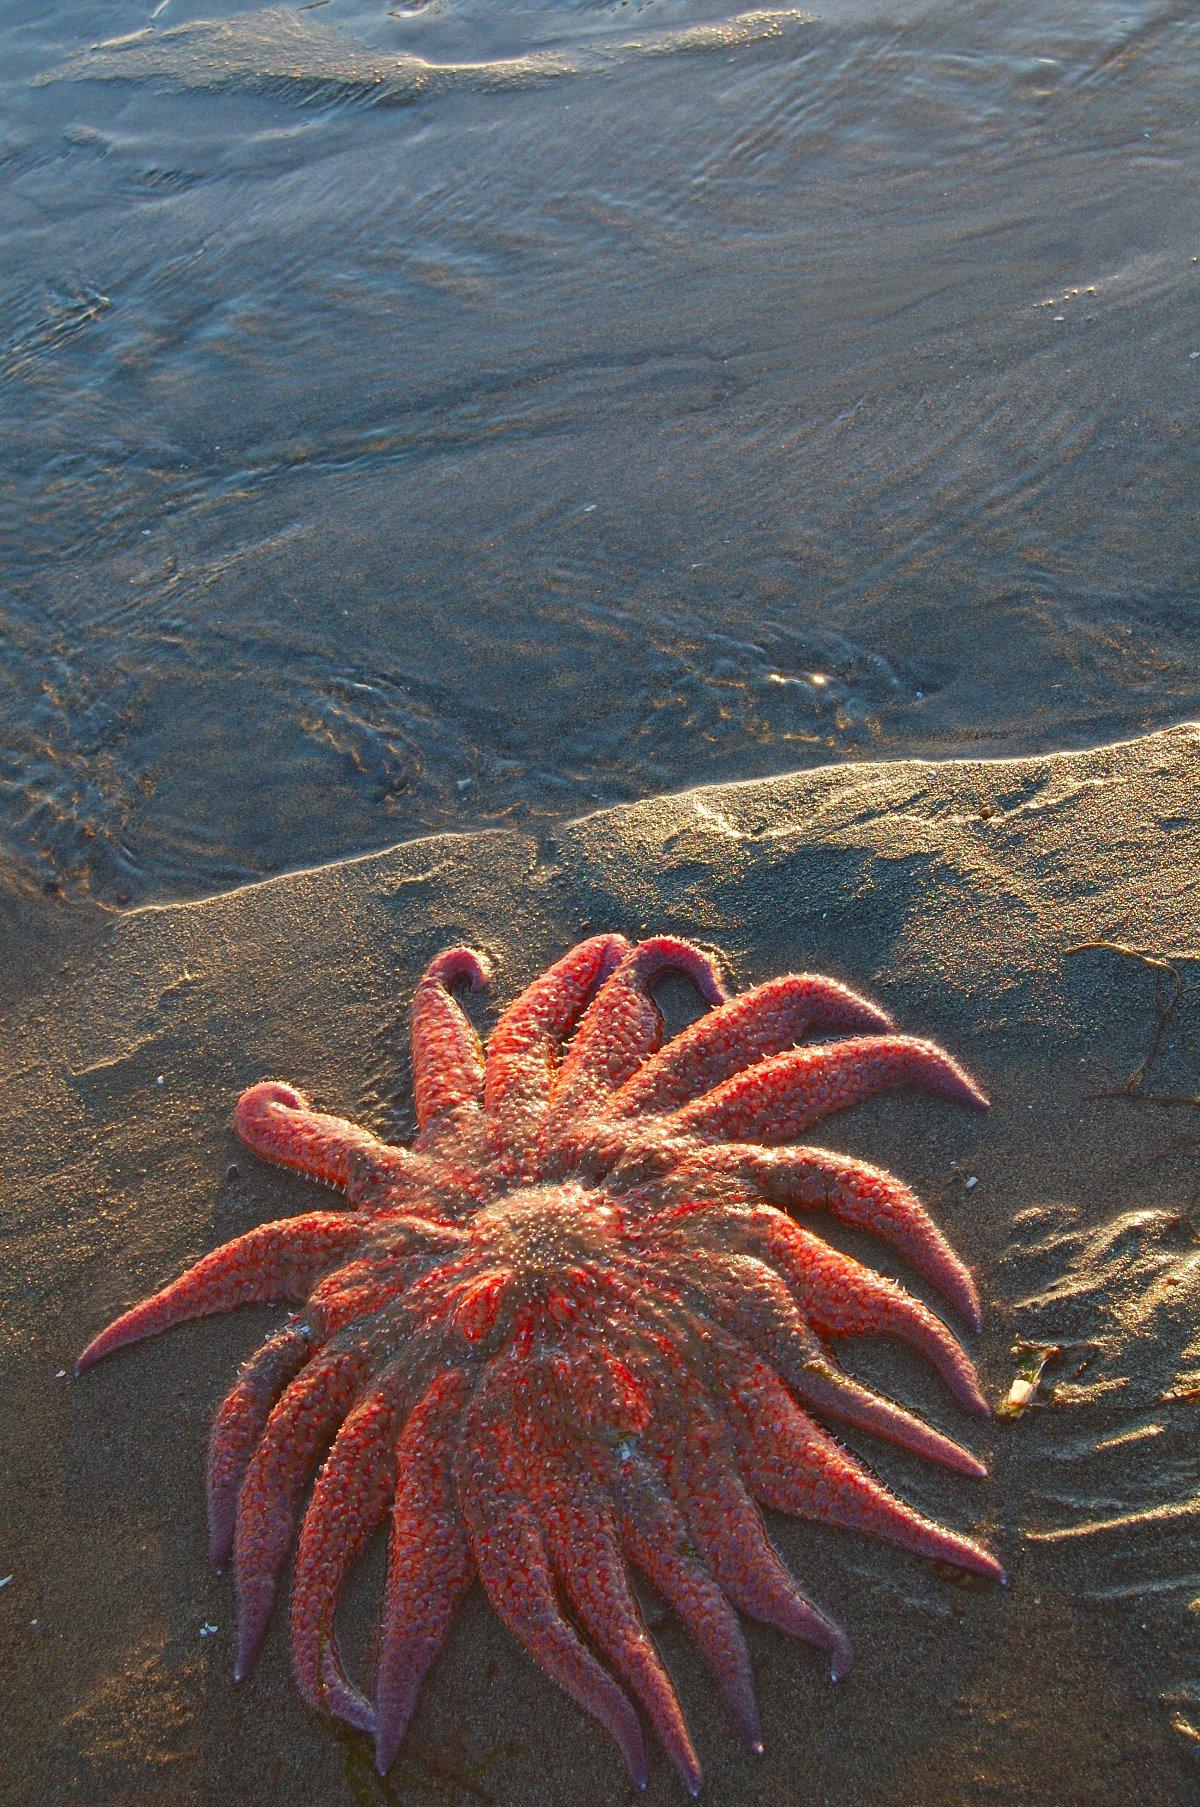 Large sun star stranded by falling tide in Southeast Alaska.